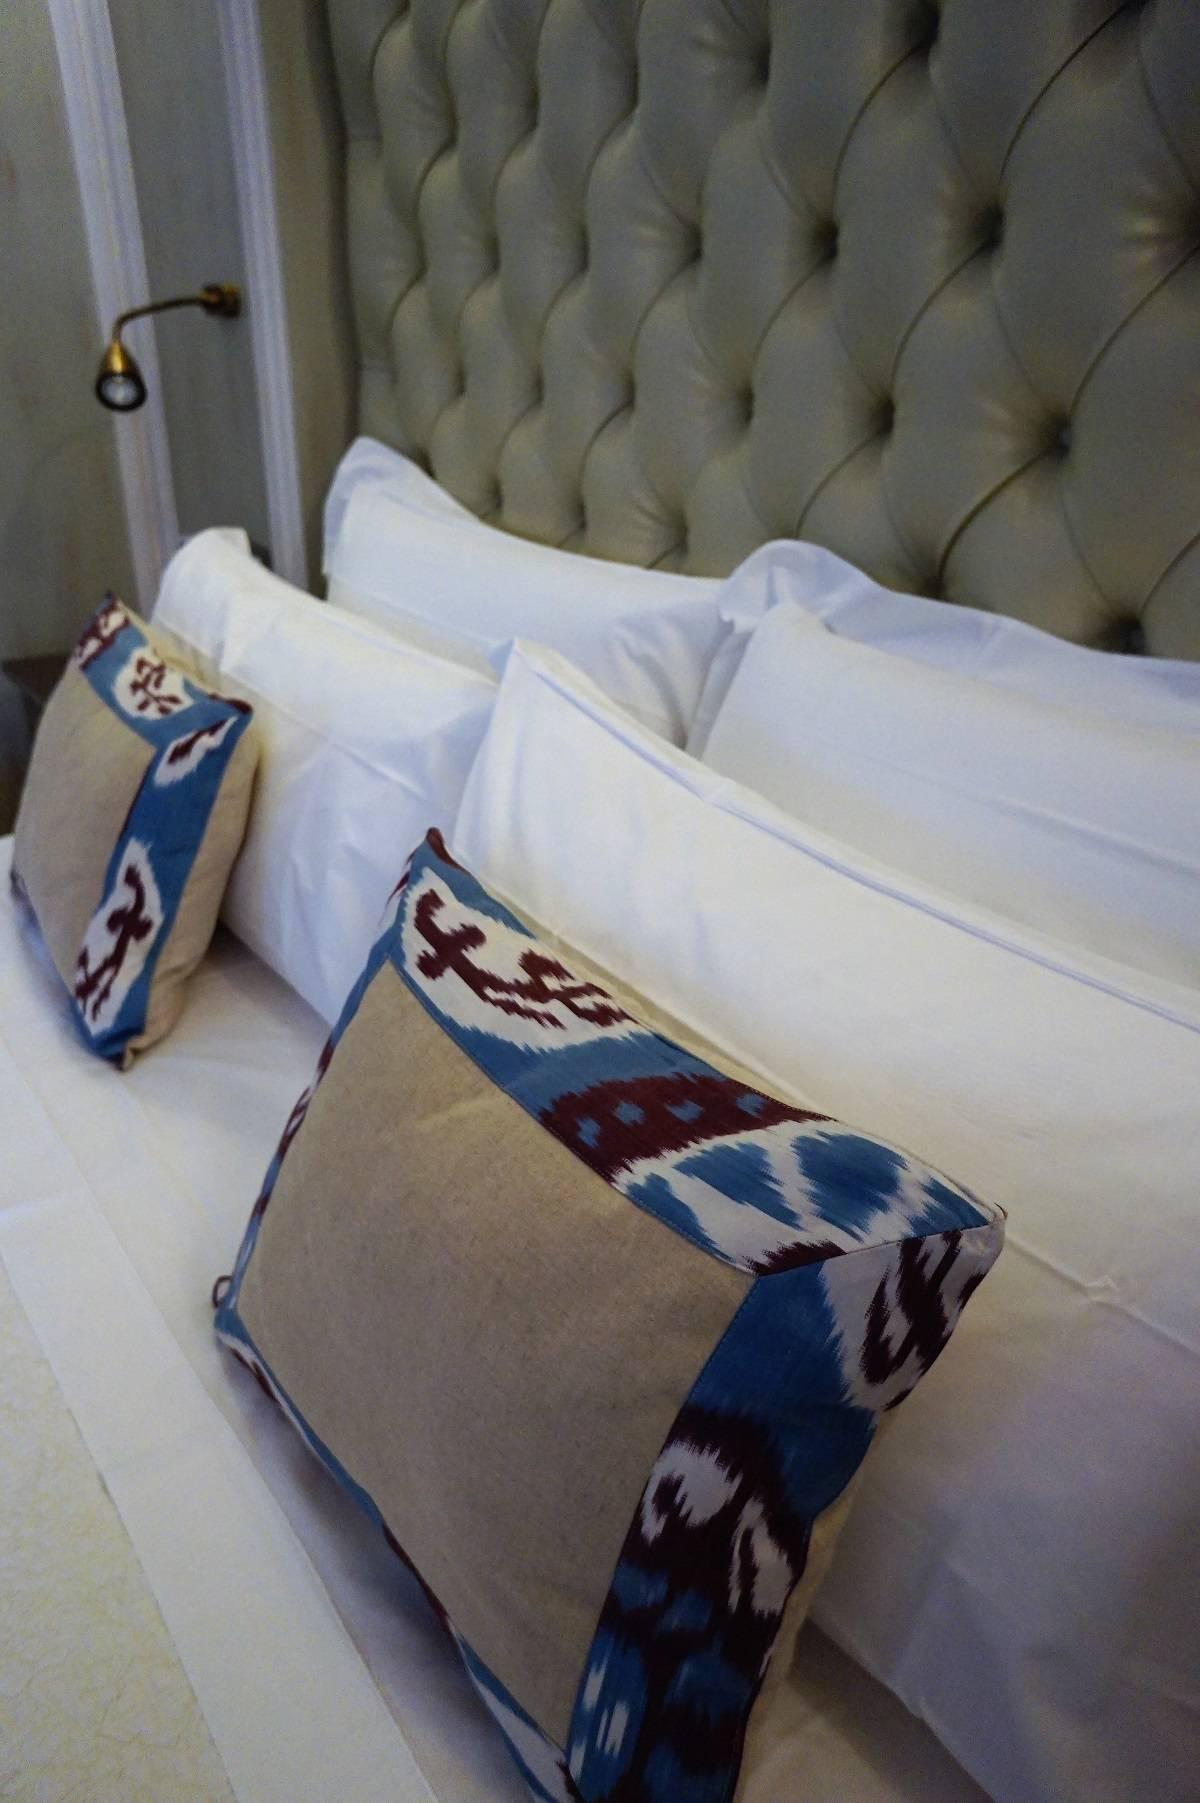 Bed design detail at Casa Buonocore Positano